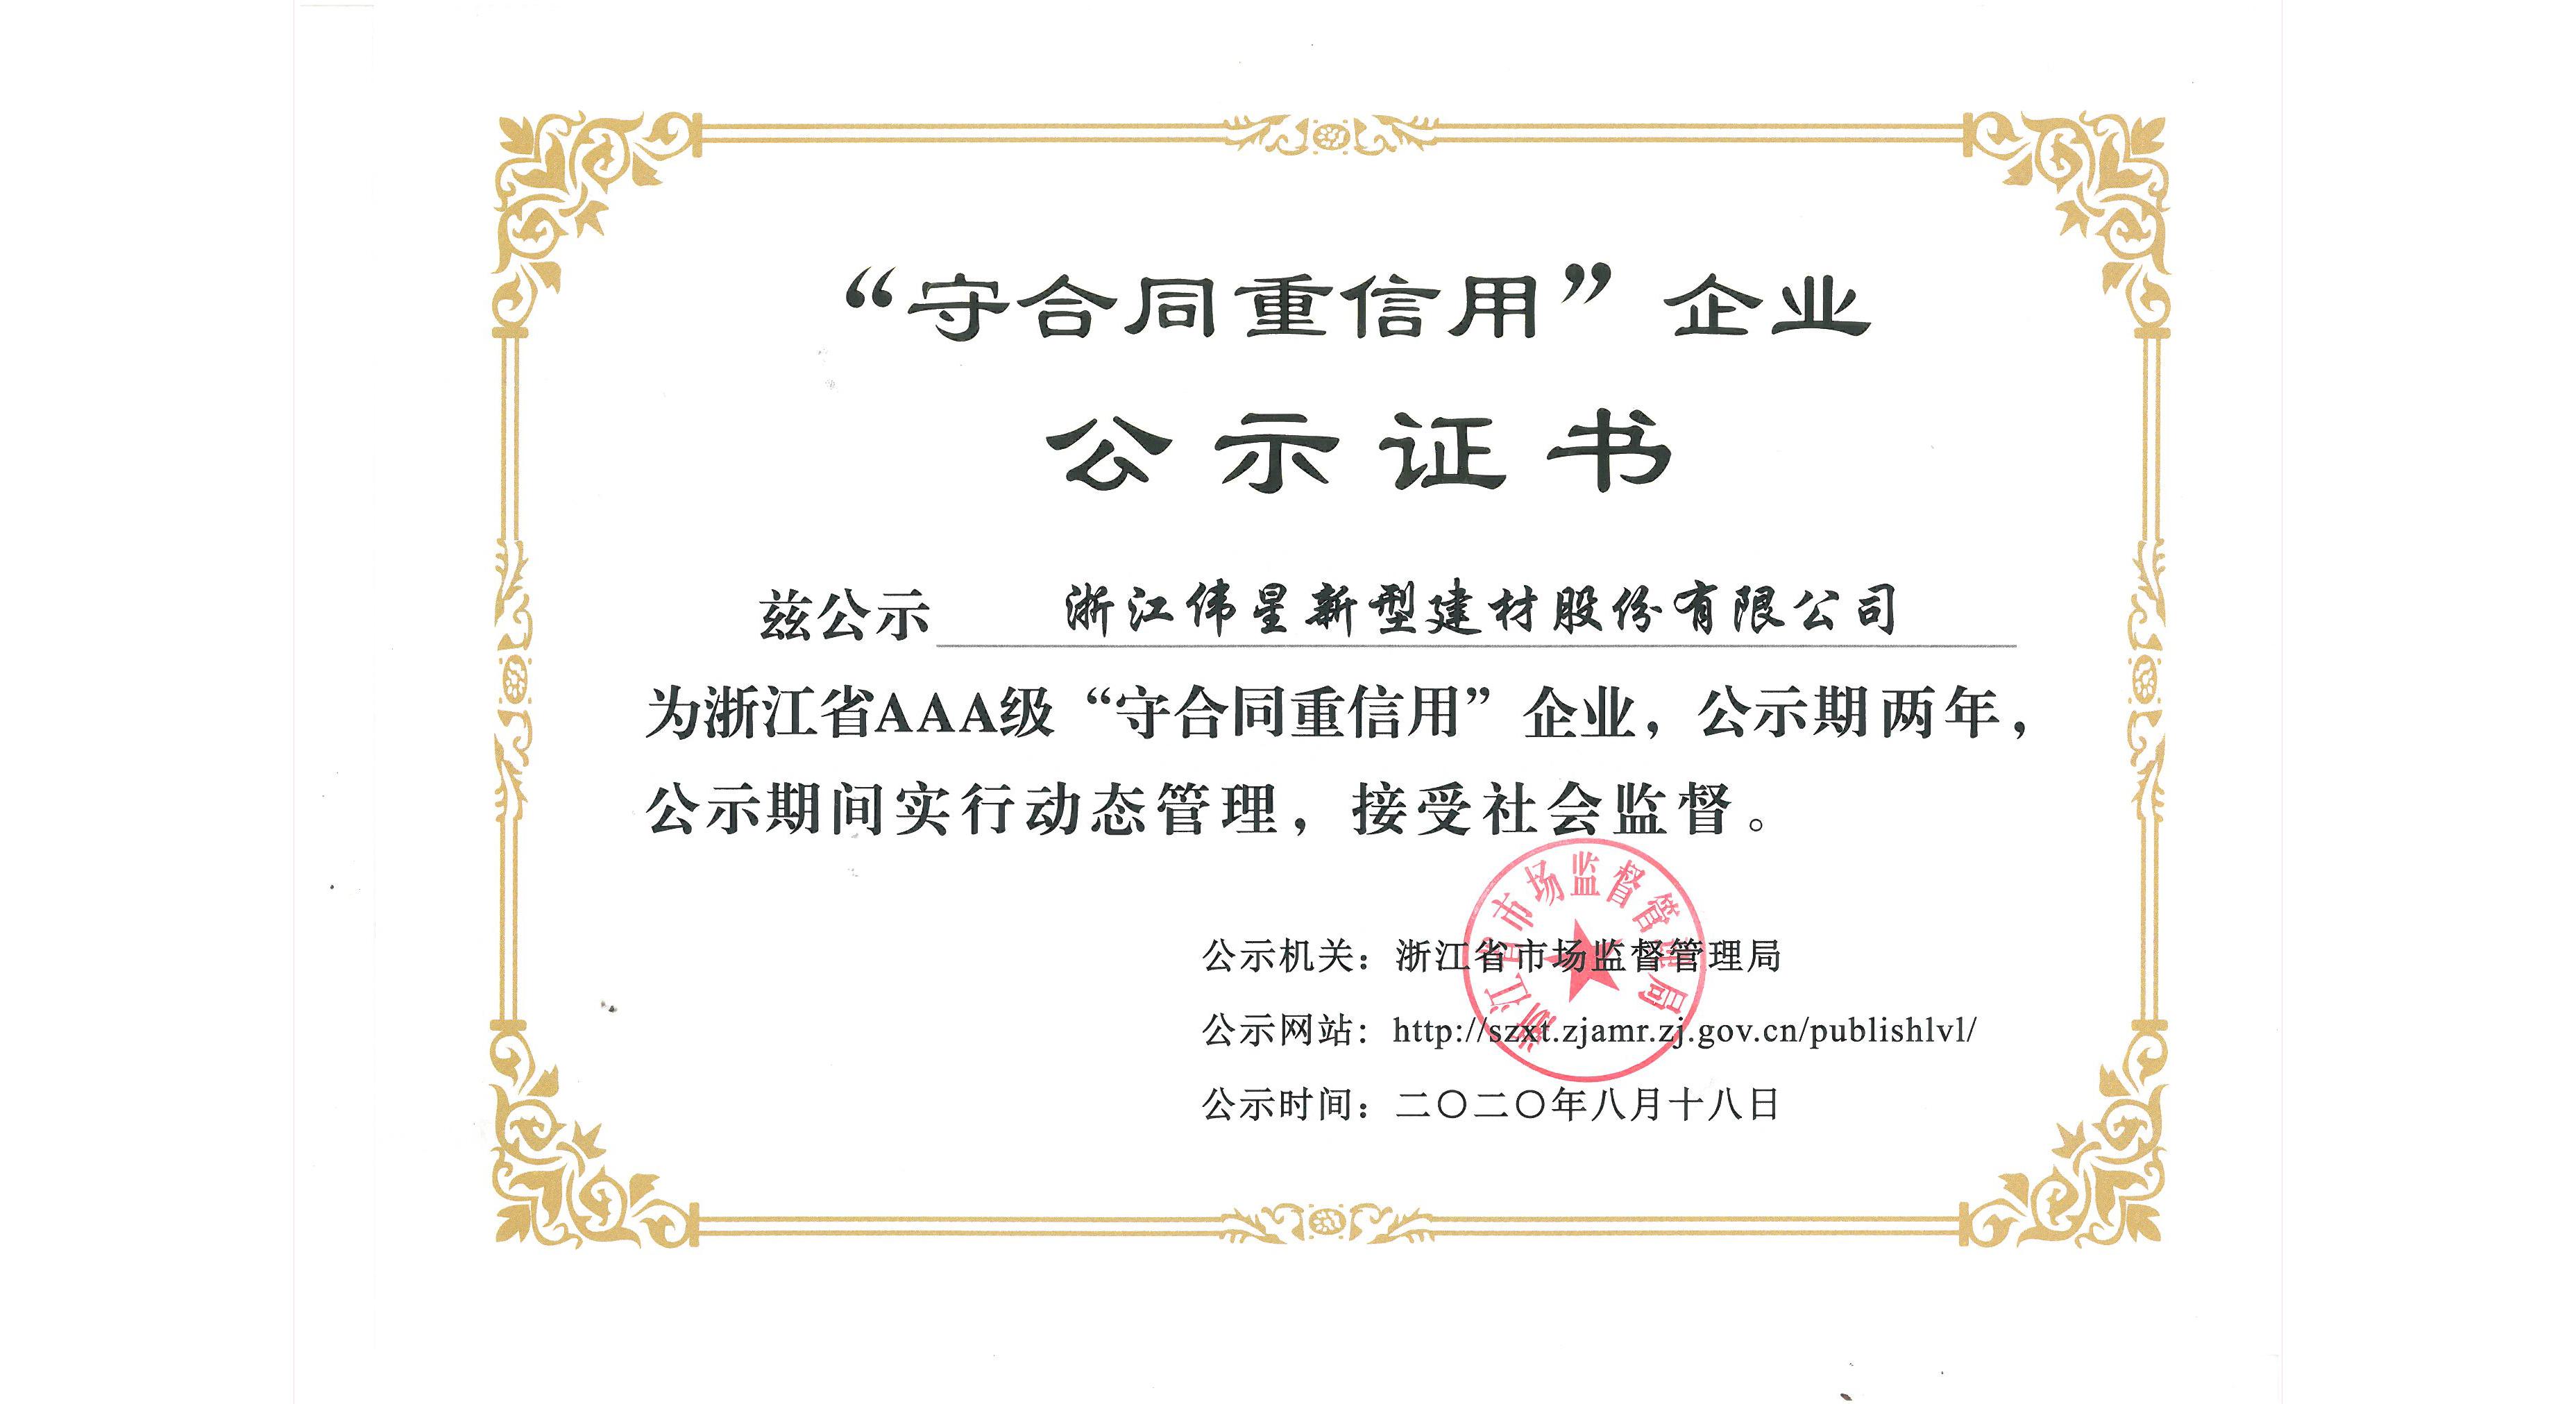 """伟星新材荣获浙江省""""AAA级守合同重信用企业""""称号"""